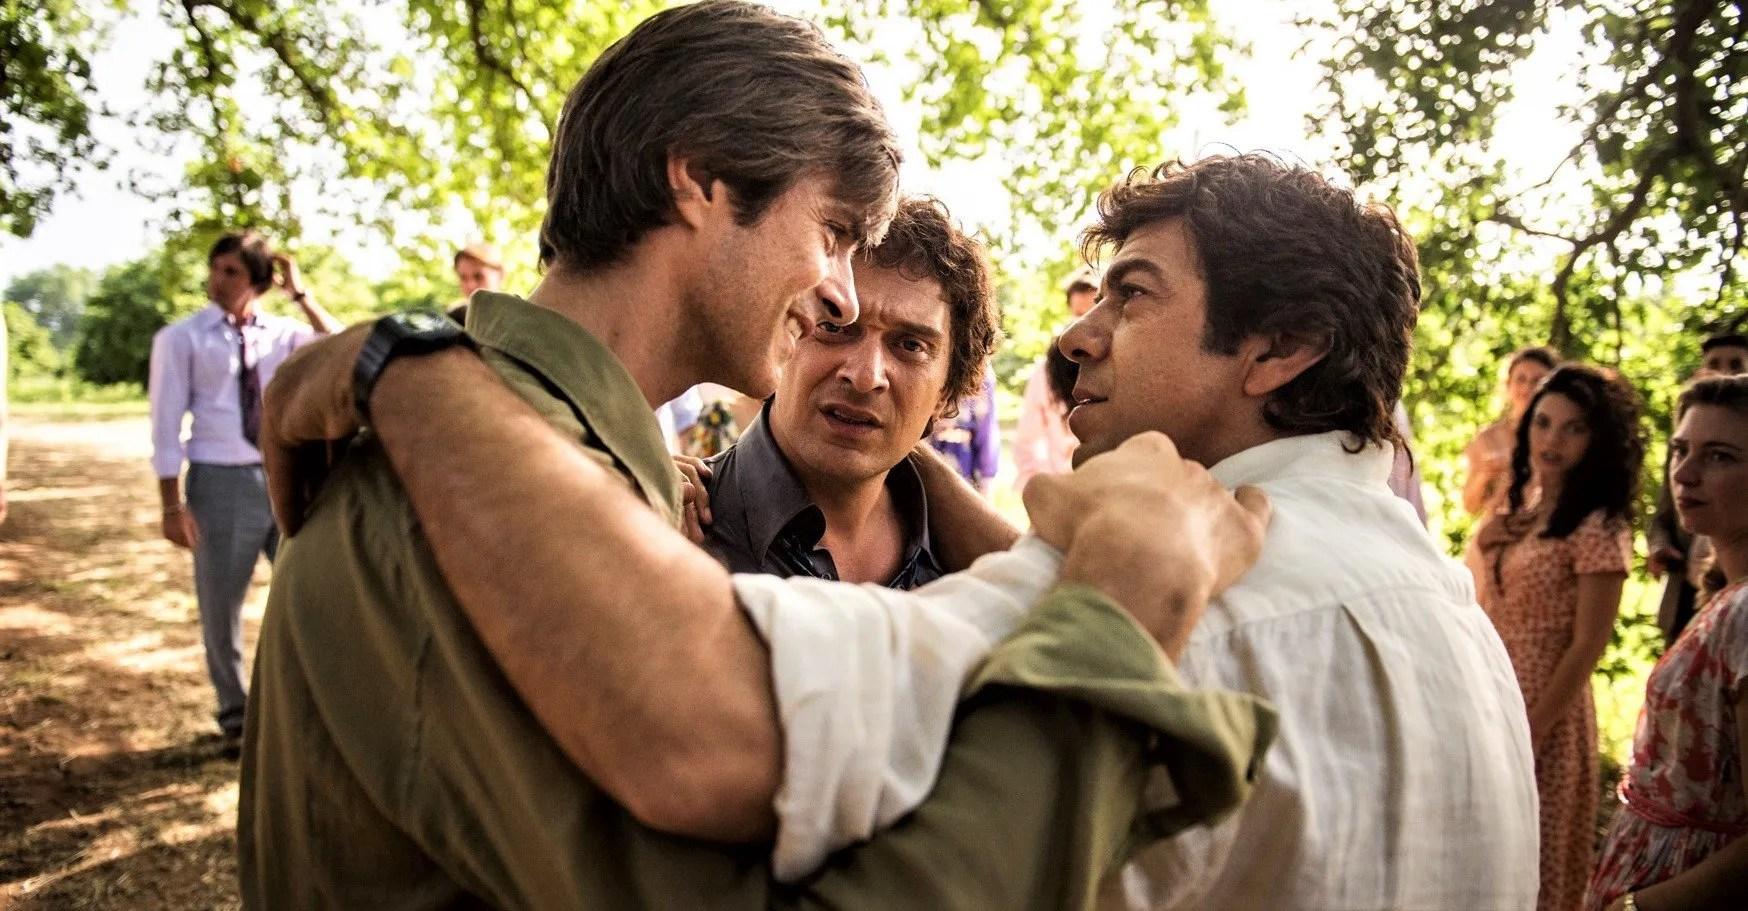 Box Office Italia weekend 14 febbraio 2020: Gli anni più belli incassa quasi 3 milioni, Muccino in testa supera Sonic e Parasite, Odio l'estate tocca i 7 milioni